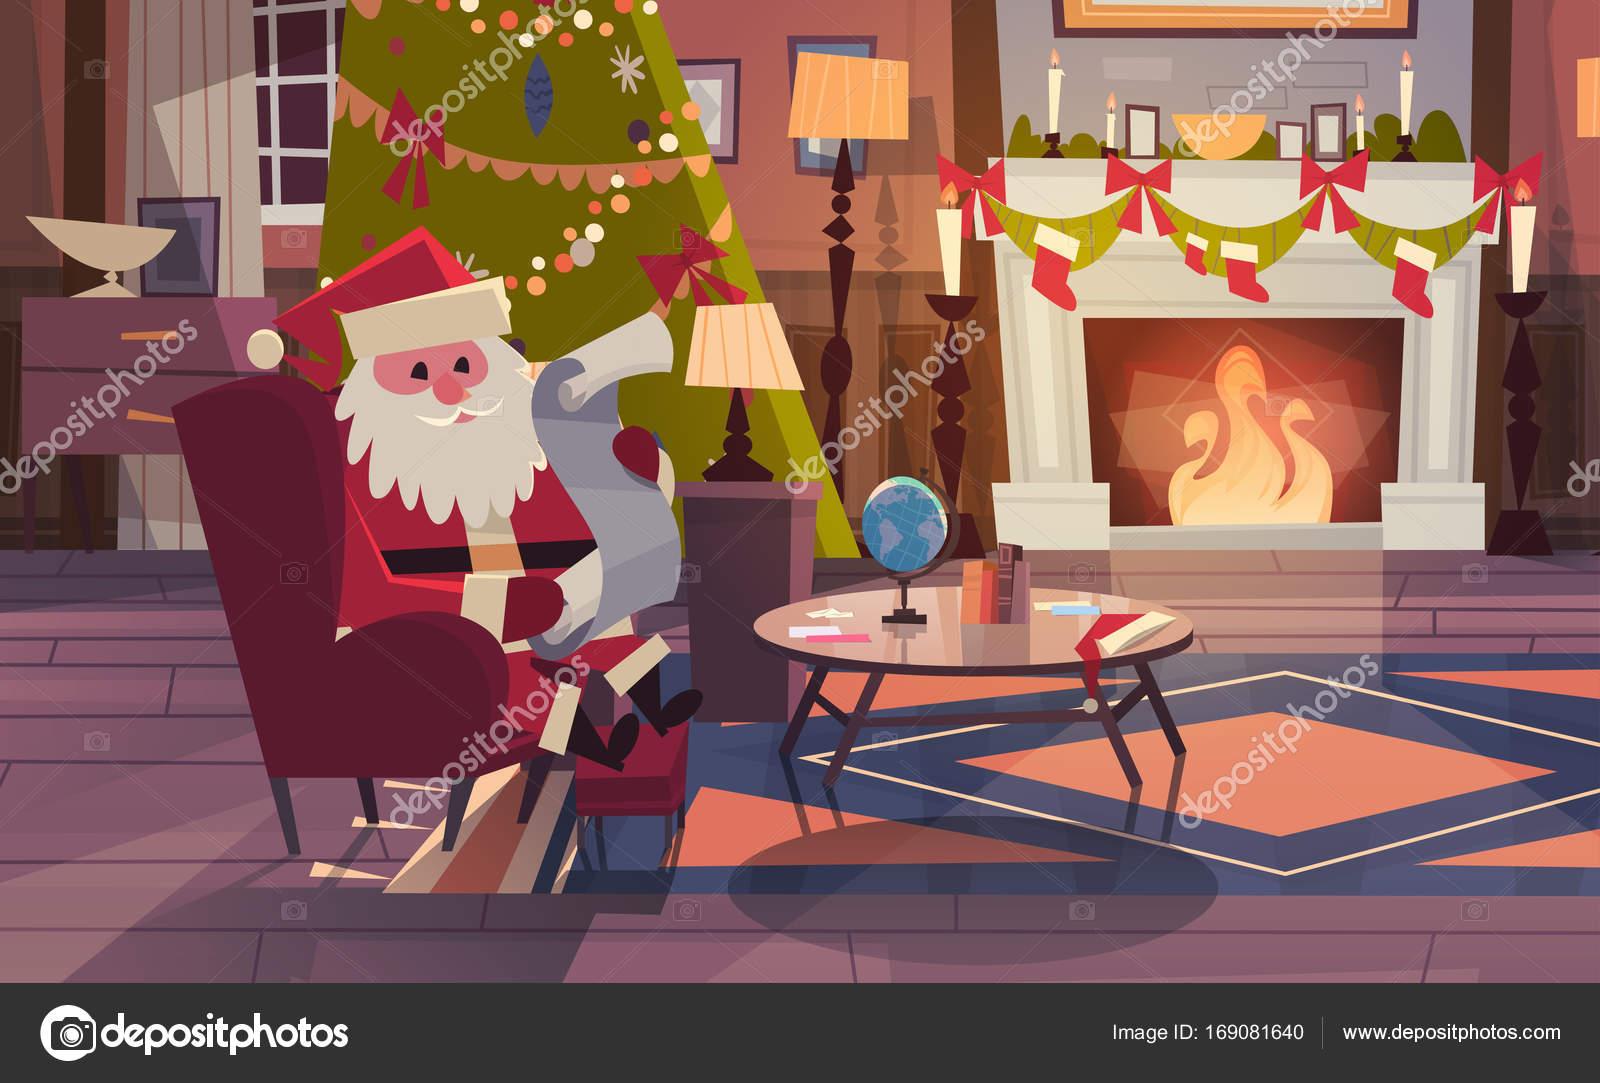 Santa Claus Lesen Wunschliste Sitzen In Der Nähe Von Kamin Im Wohnzimmer  Dekoriert Für Weihnachten Und Neujahr Winter Urlaub Konzept Flache ...